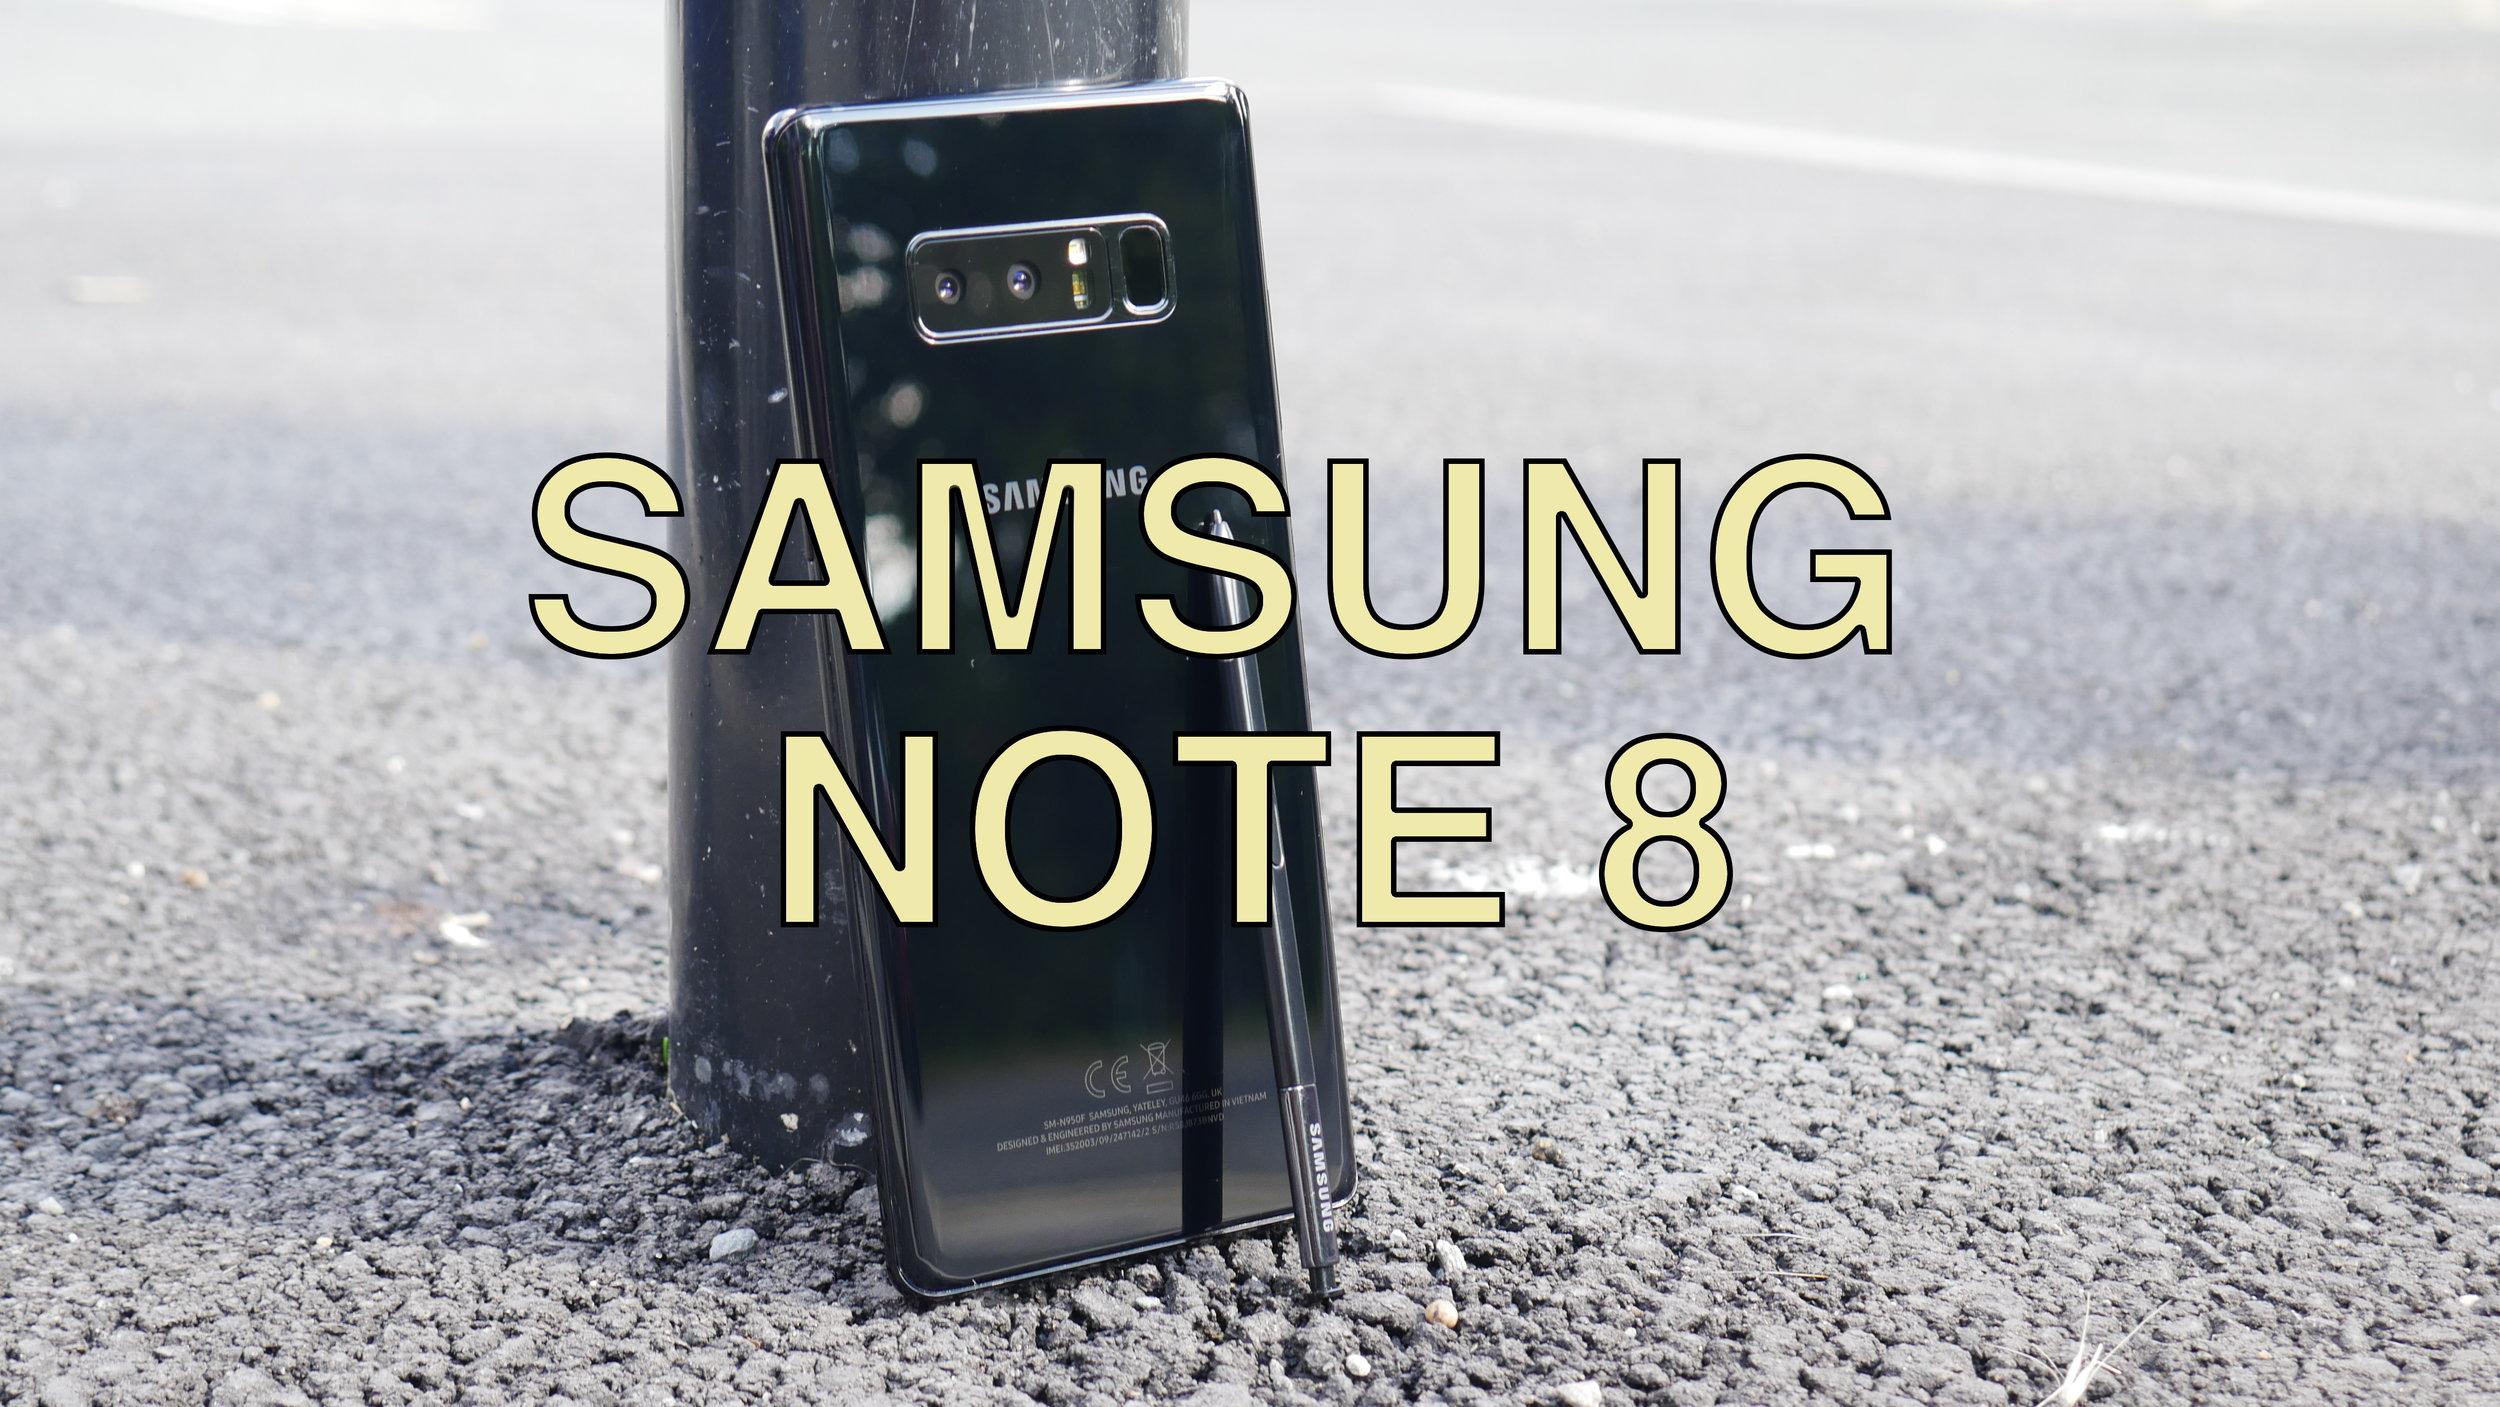 SAMSUNG_NOTE8.JPG